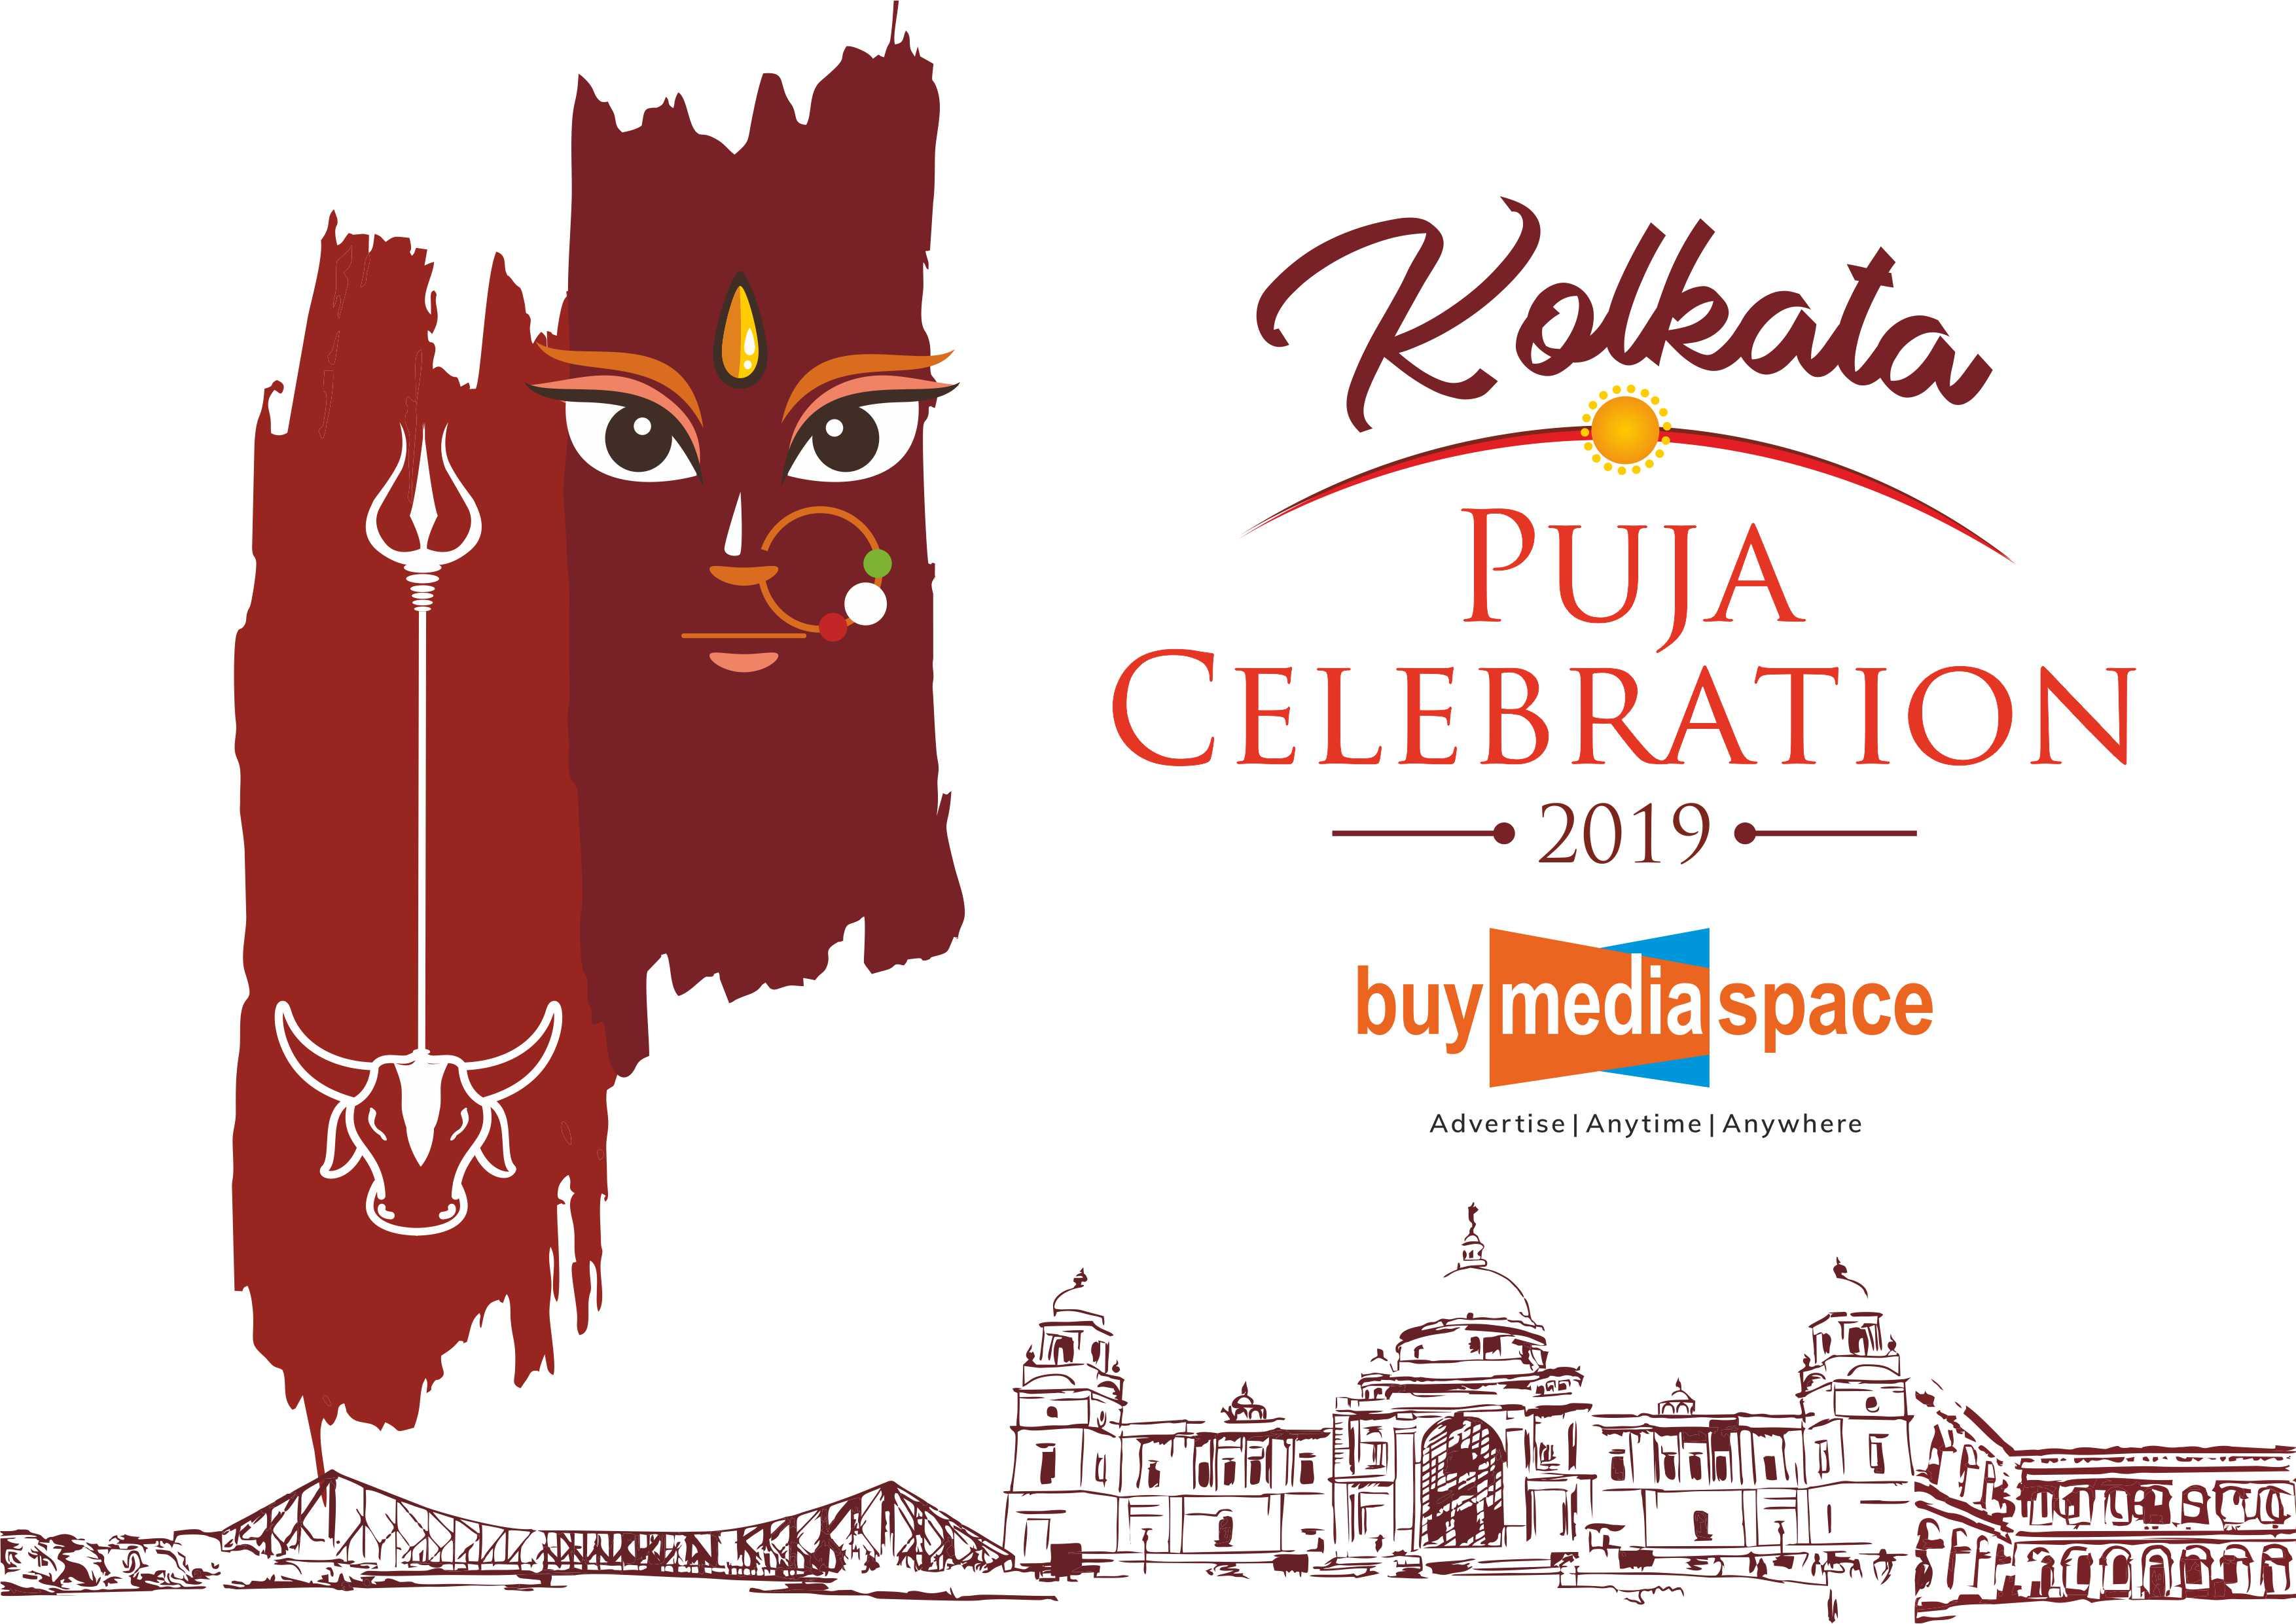 North Kolkata Puja Celebration